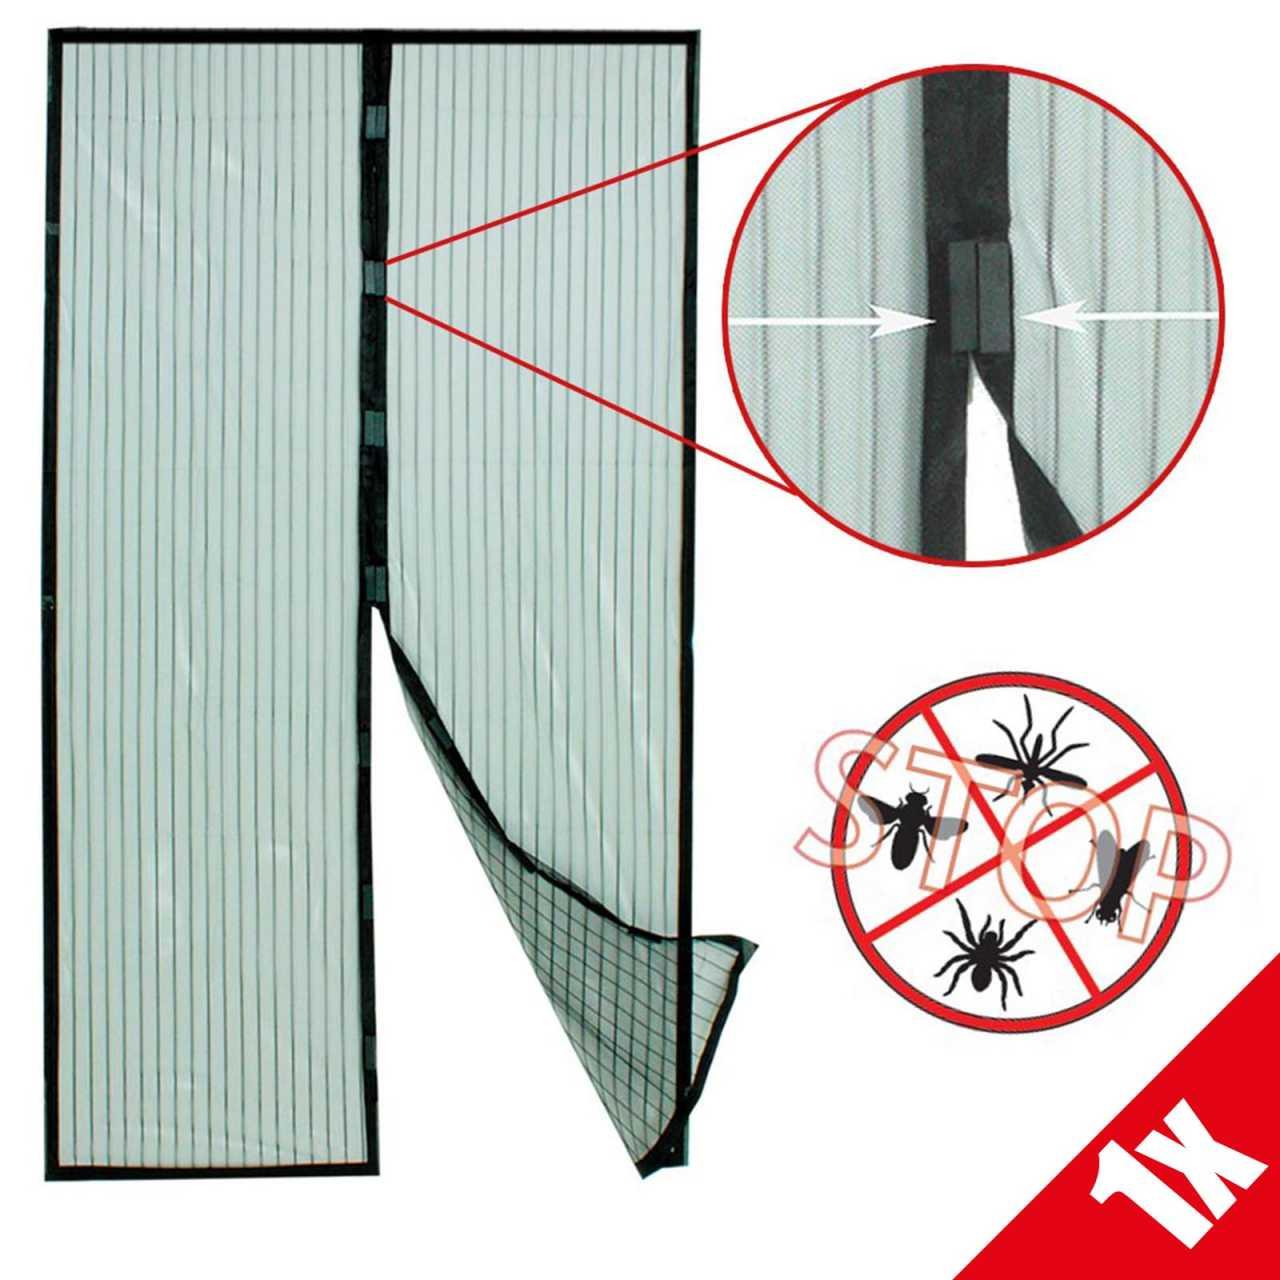 Full Size of Fliegengitter Magnet Grafner Magnetisches Trvorhang 100 210 Cm Fenster Maßanfertigung Für Magnettafel Küche Wohnzimmer Fliegengitter Magnet